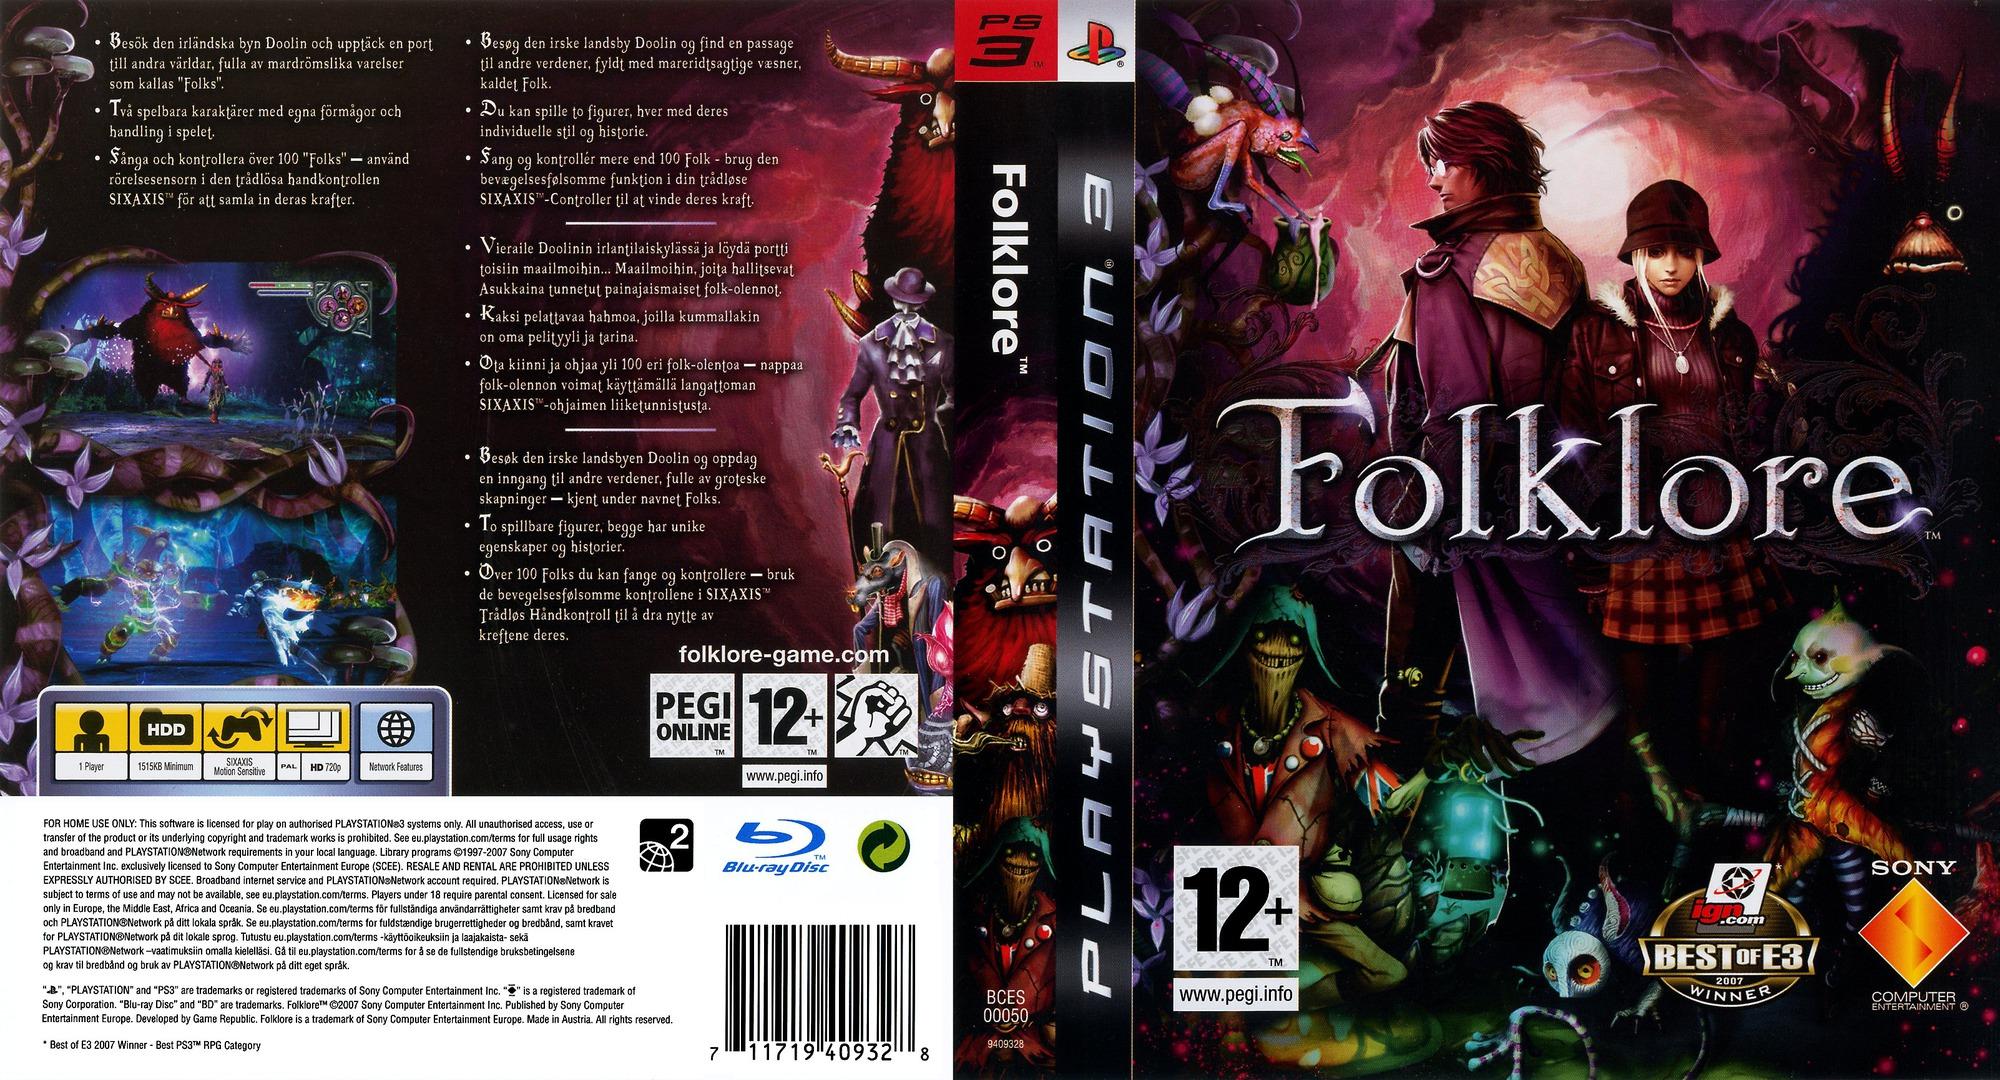 PS3 - Folklore [EU][DLC][PKG][MEGA]